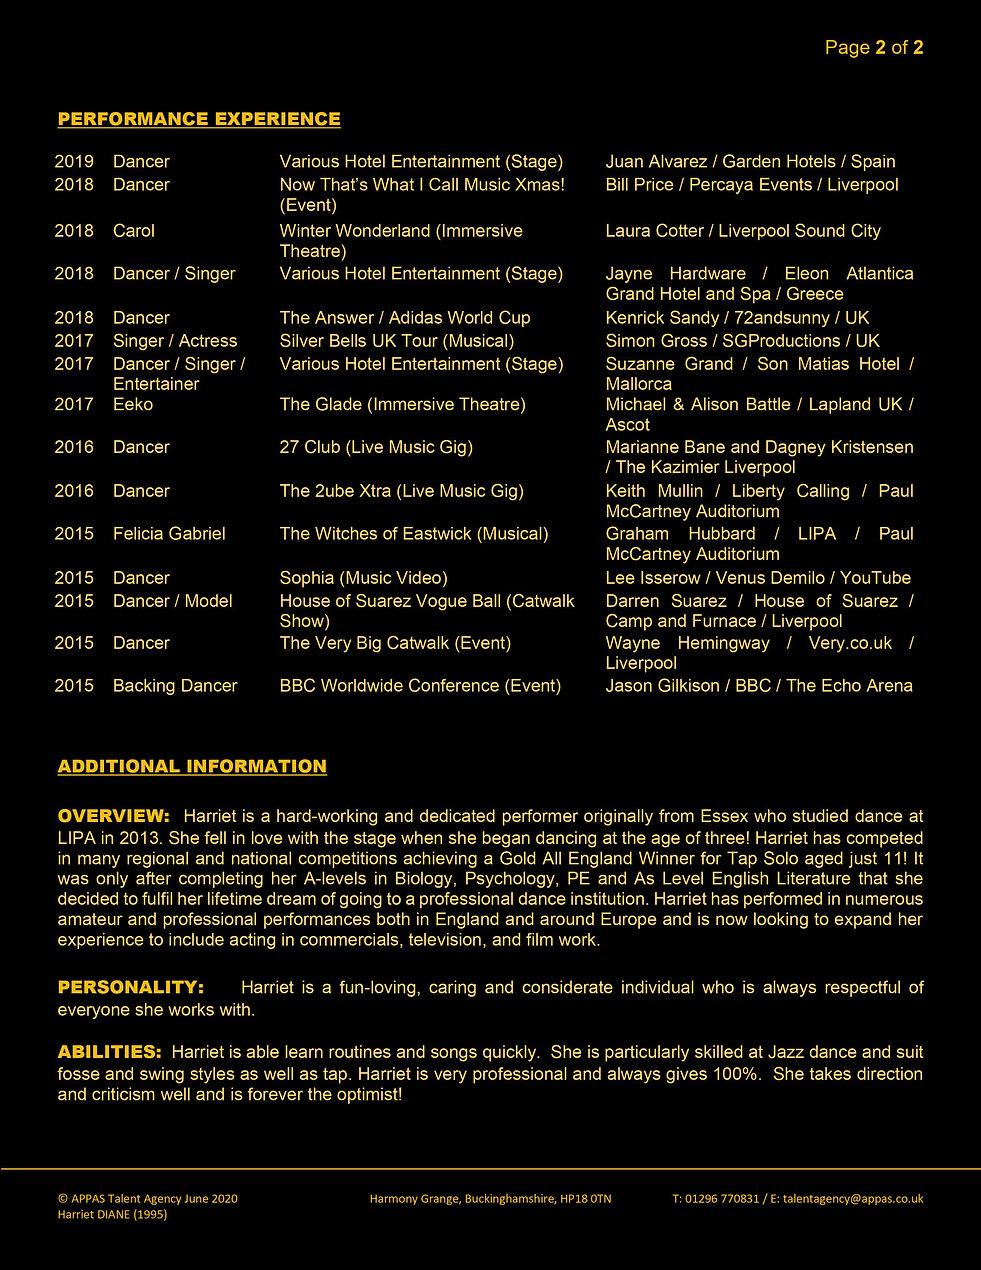 HARRIET DIANE WEB CV (JUN 2020) 2.jpg